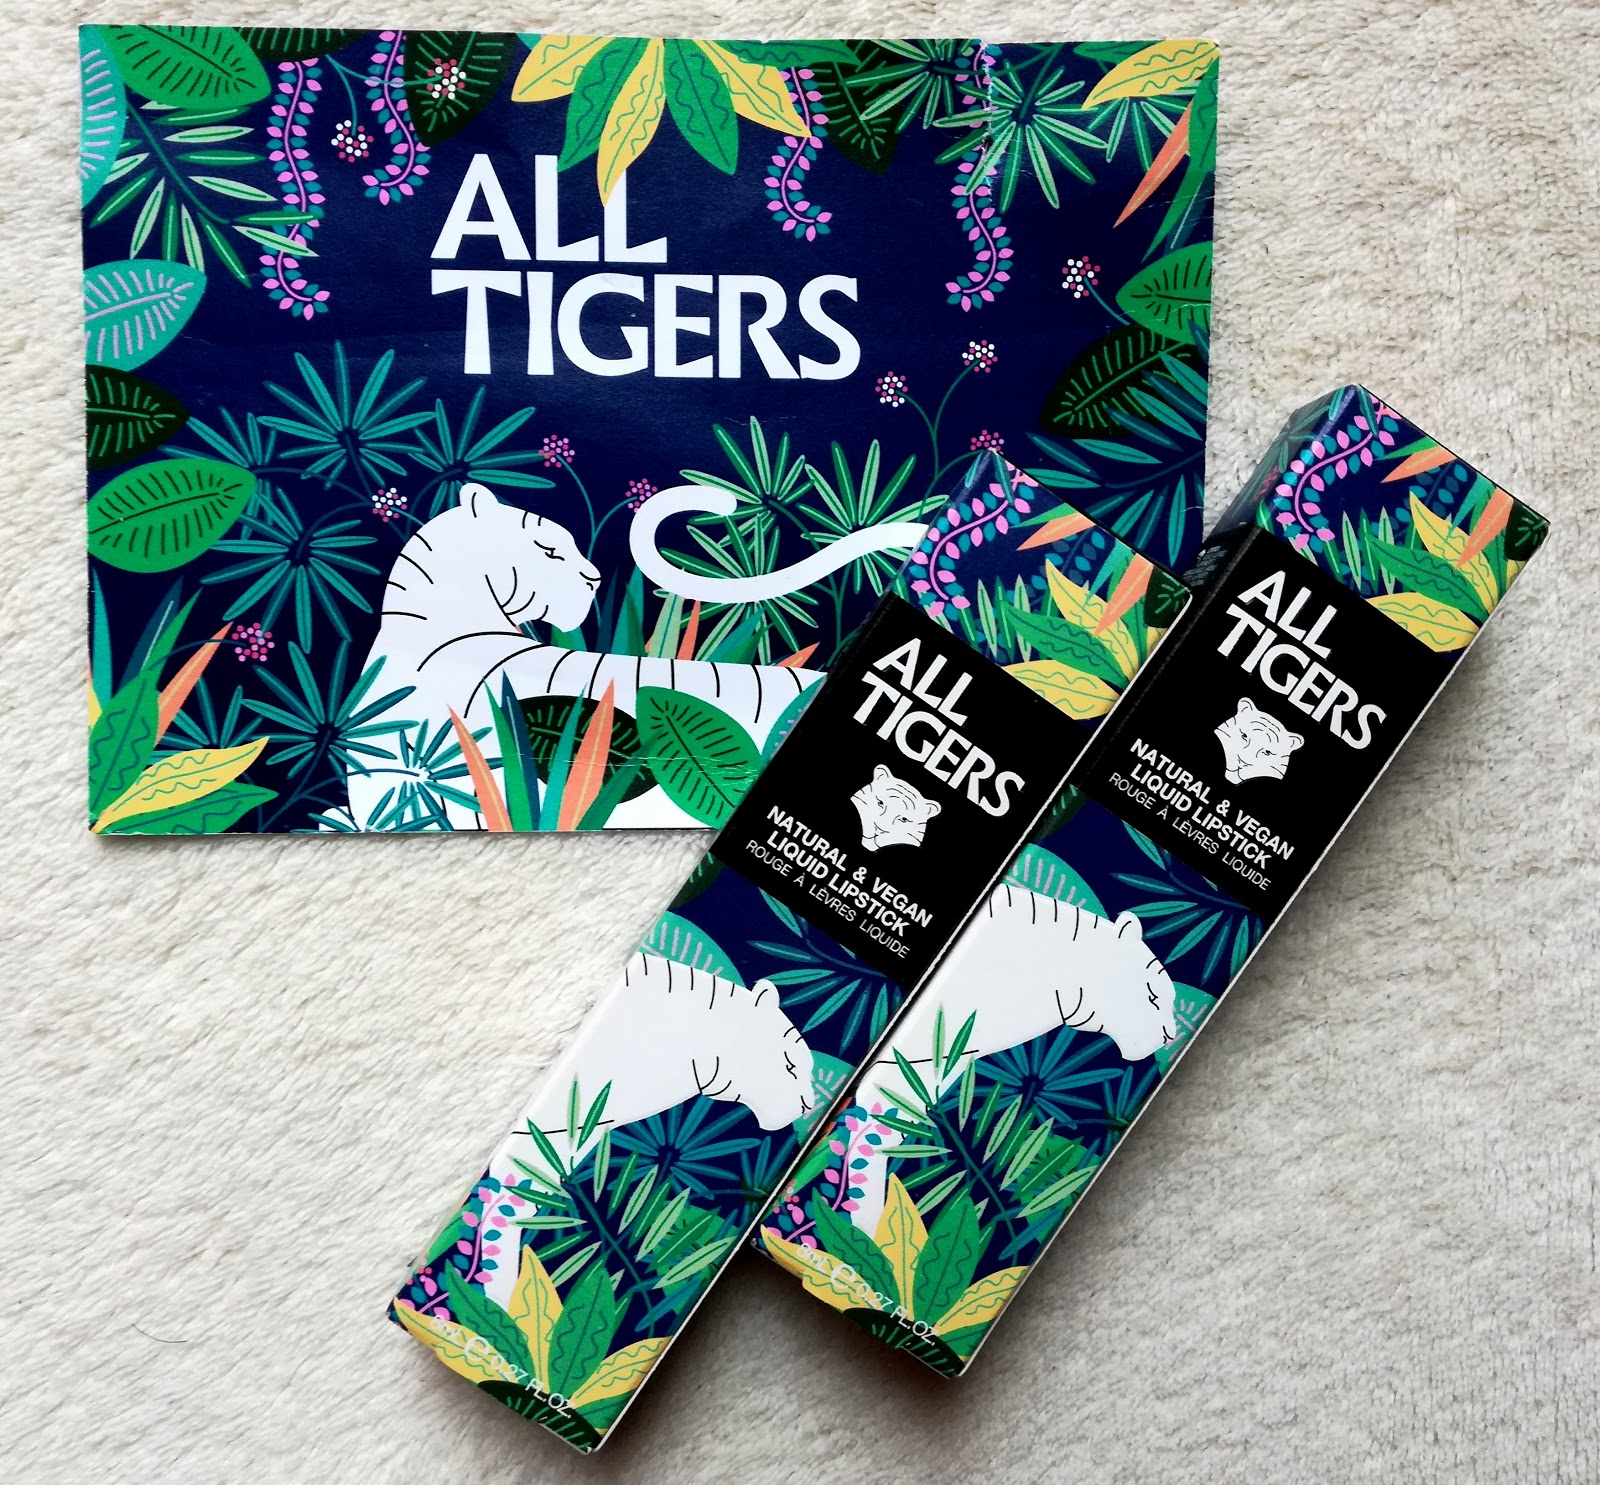 ALL TIGERS // Découverte de la nouvelle marque de lipstick mat, naturel & vegan